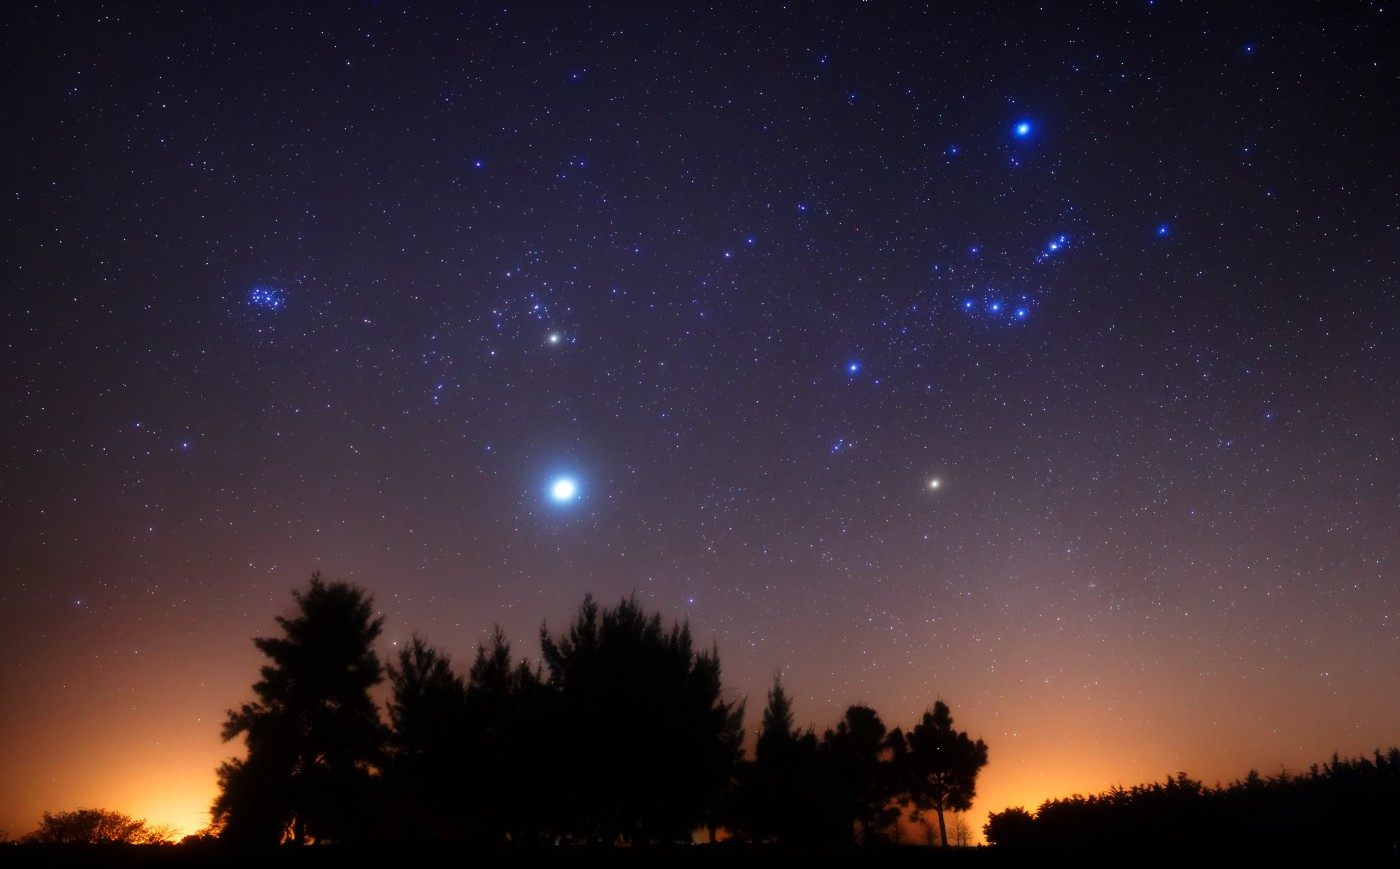 фото со звёздами на небе